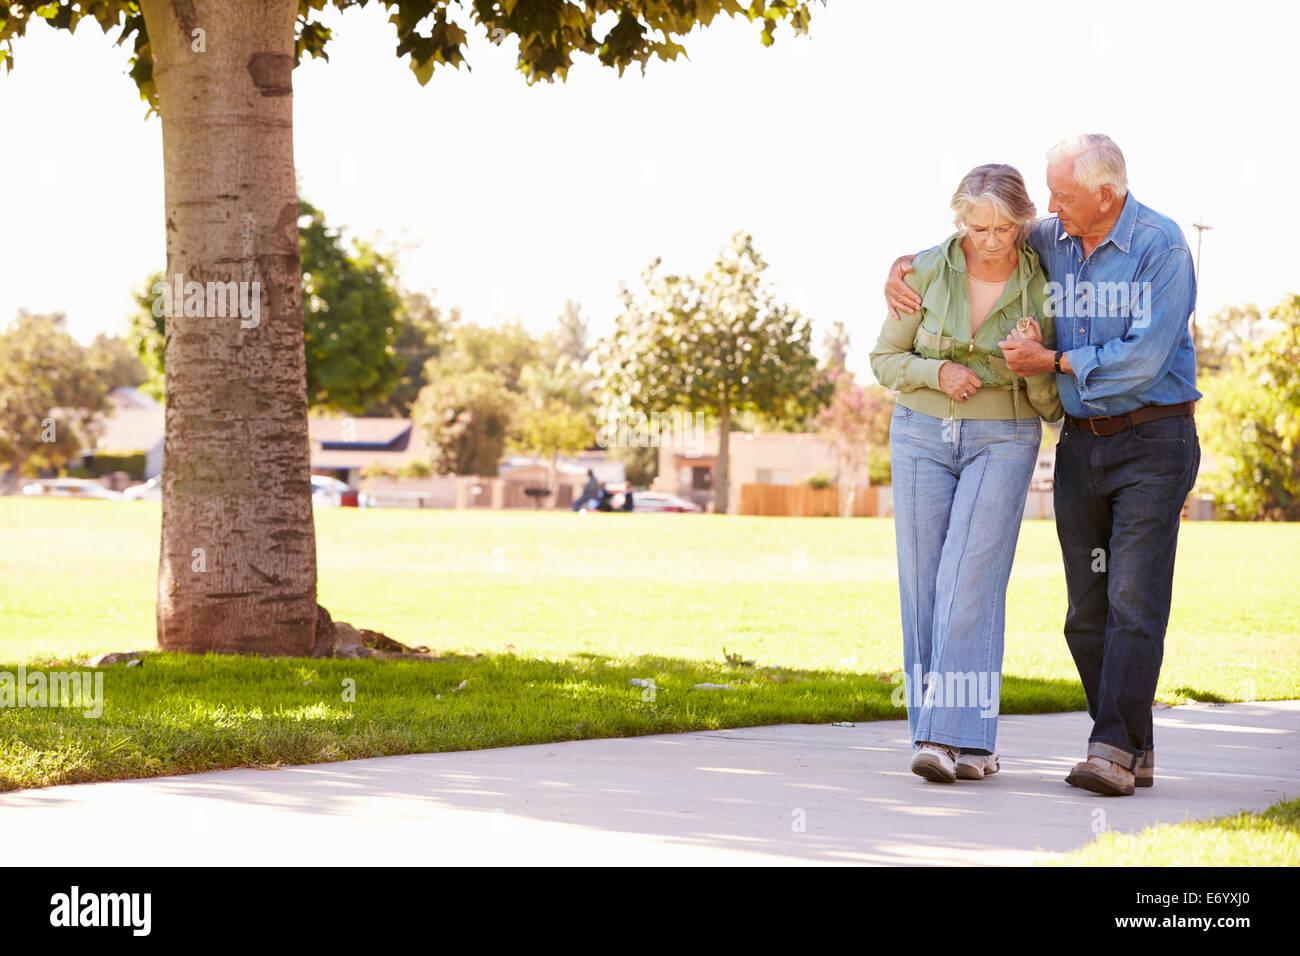 Senior uomo aiutando moglie come essi passeggiata nel parco insieme Immagini Stock